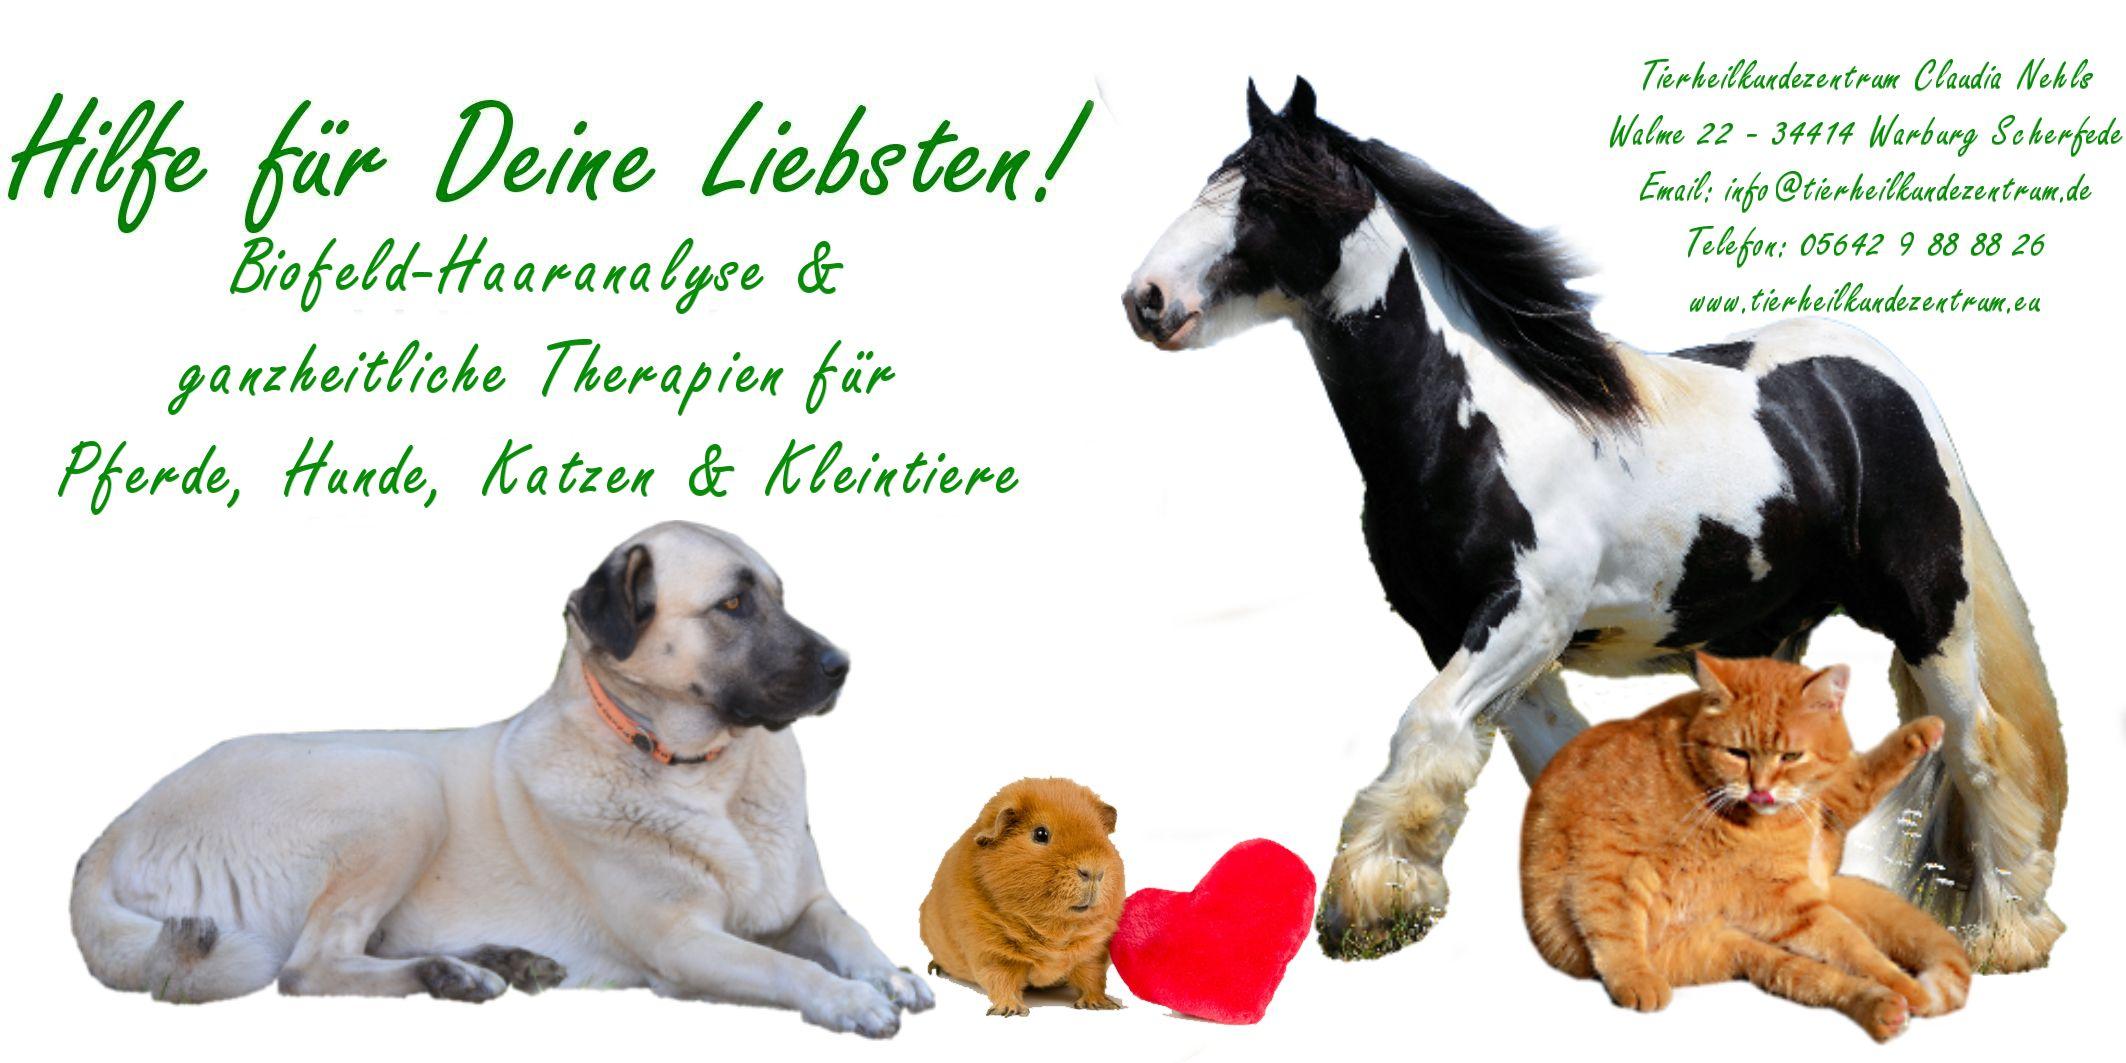 Tierheilkundezentrum Shop - Homöopathisches Tierarzneimittel für ...